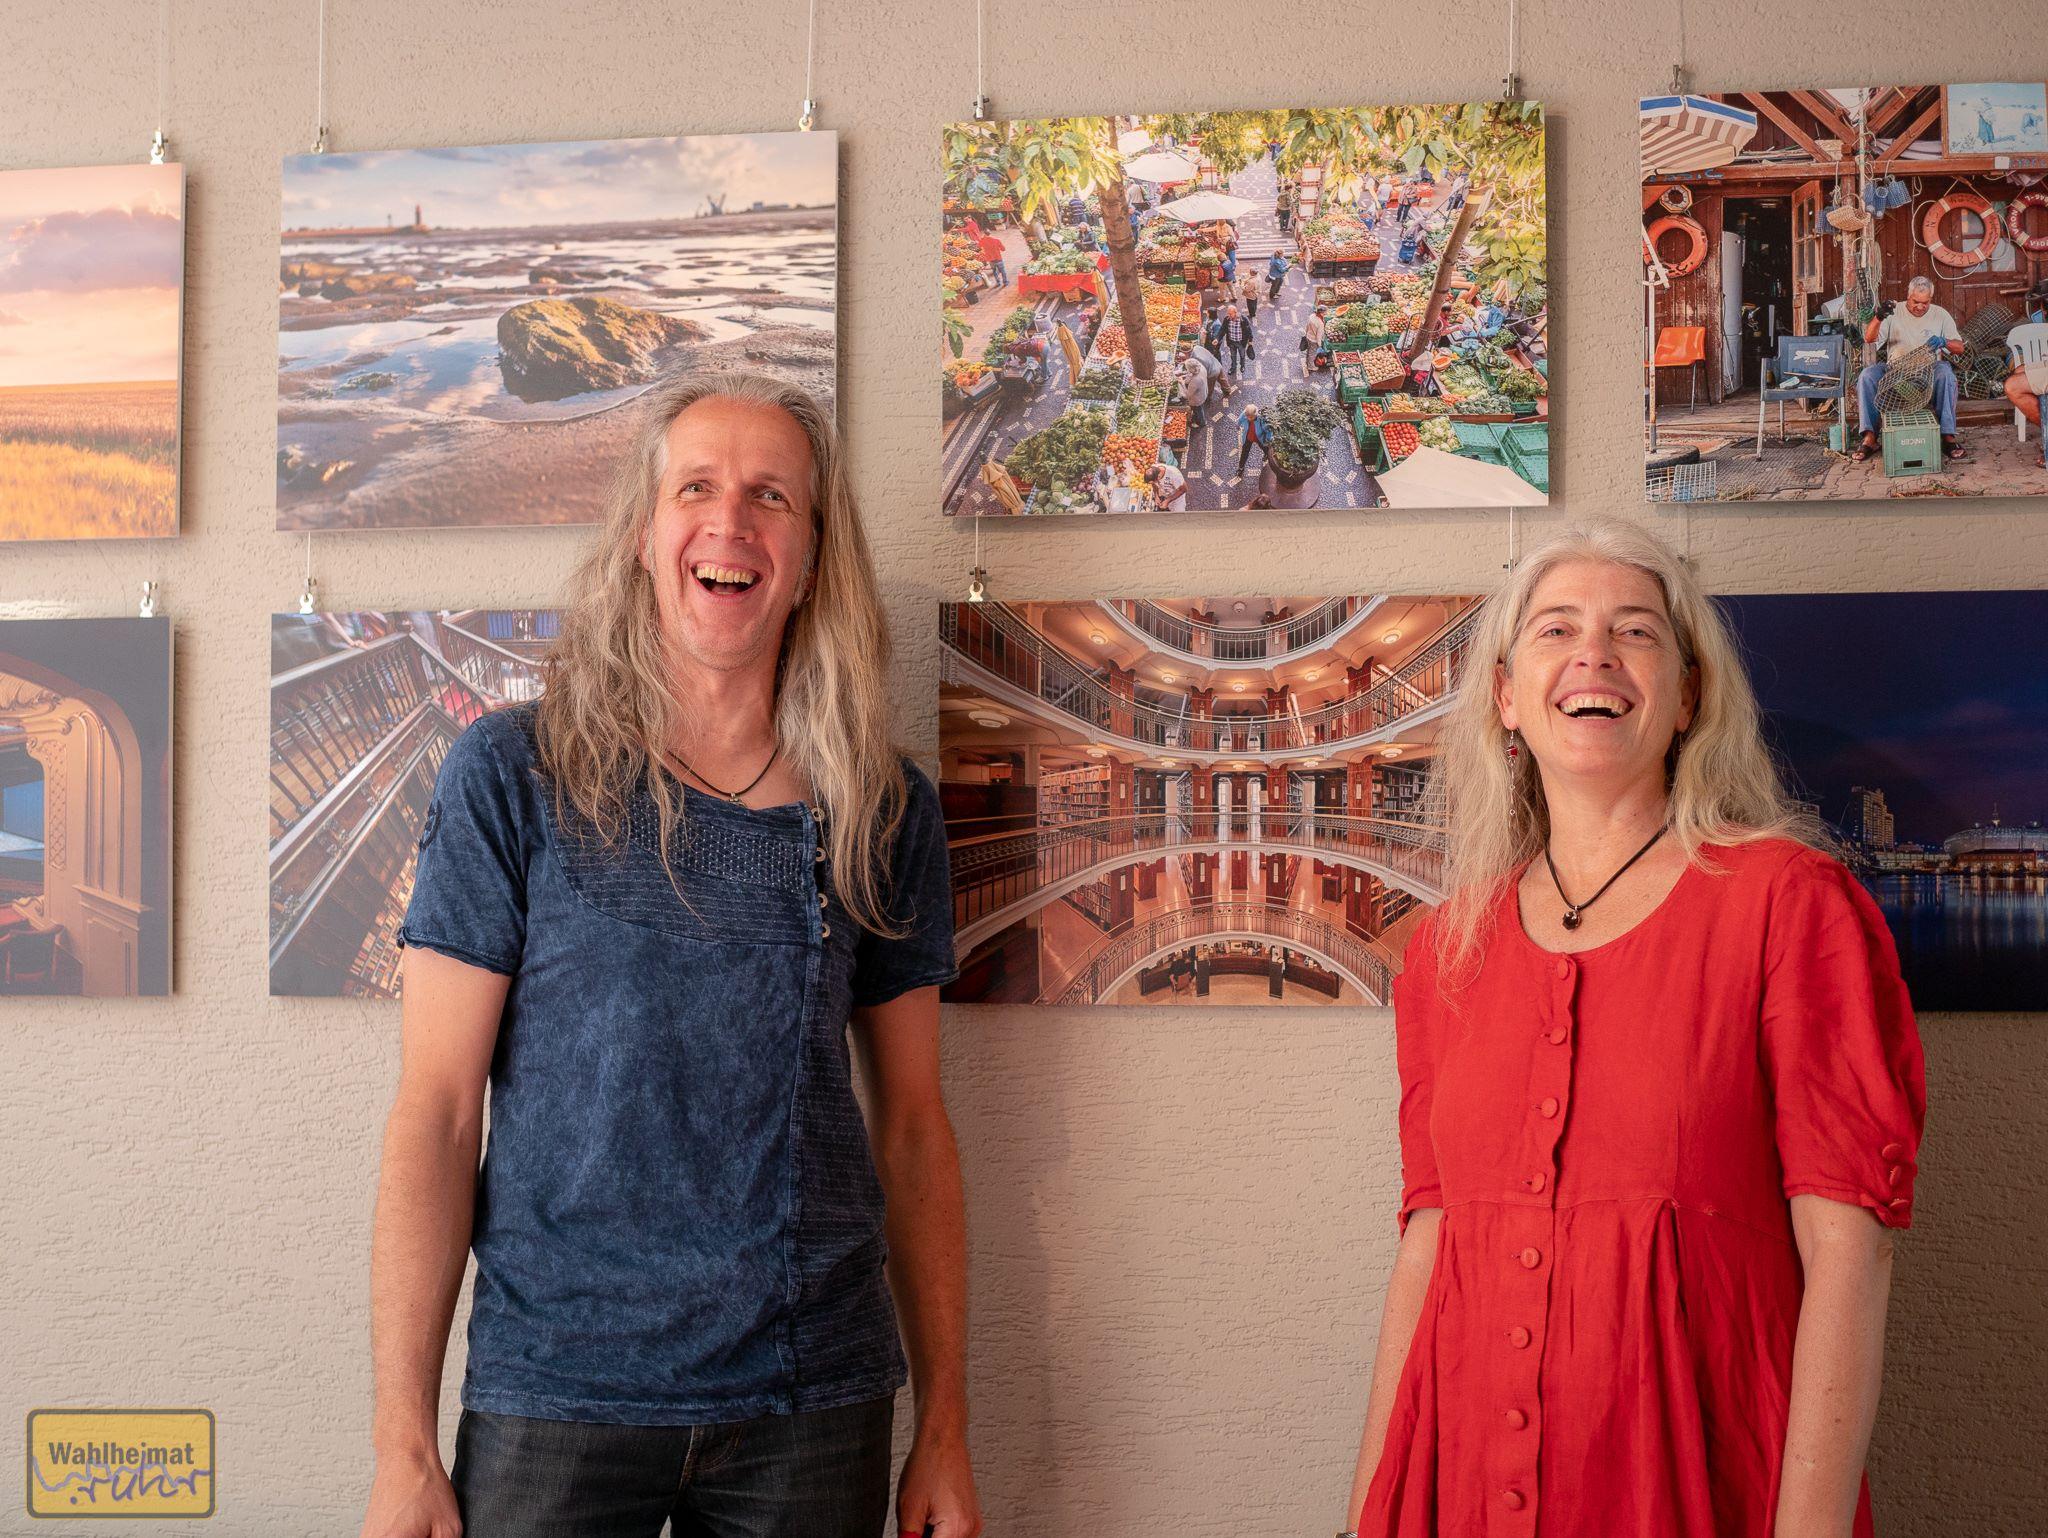 Wenn Ihr bei der Foto-Ausstellung genauso viel Spaß habt wie die Meurers bei der Eröffnung - dann ist alles töfte!